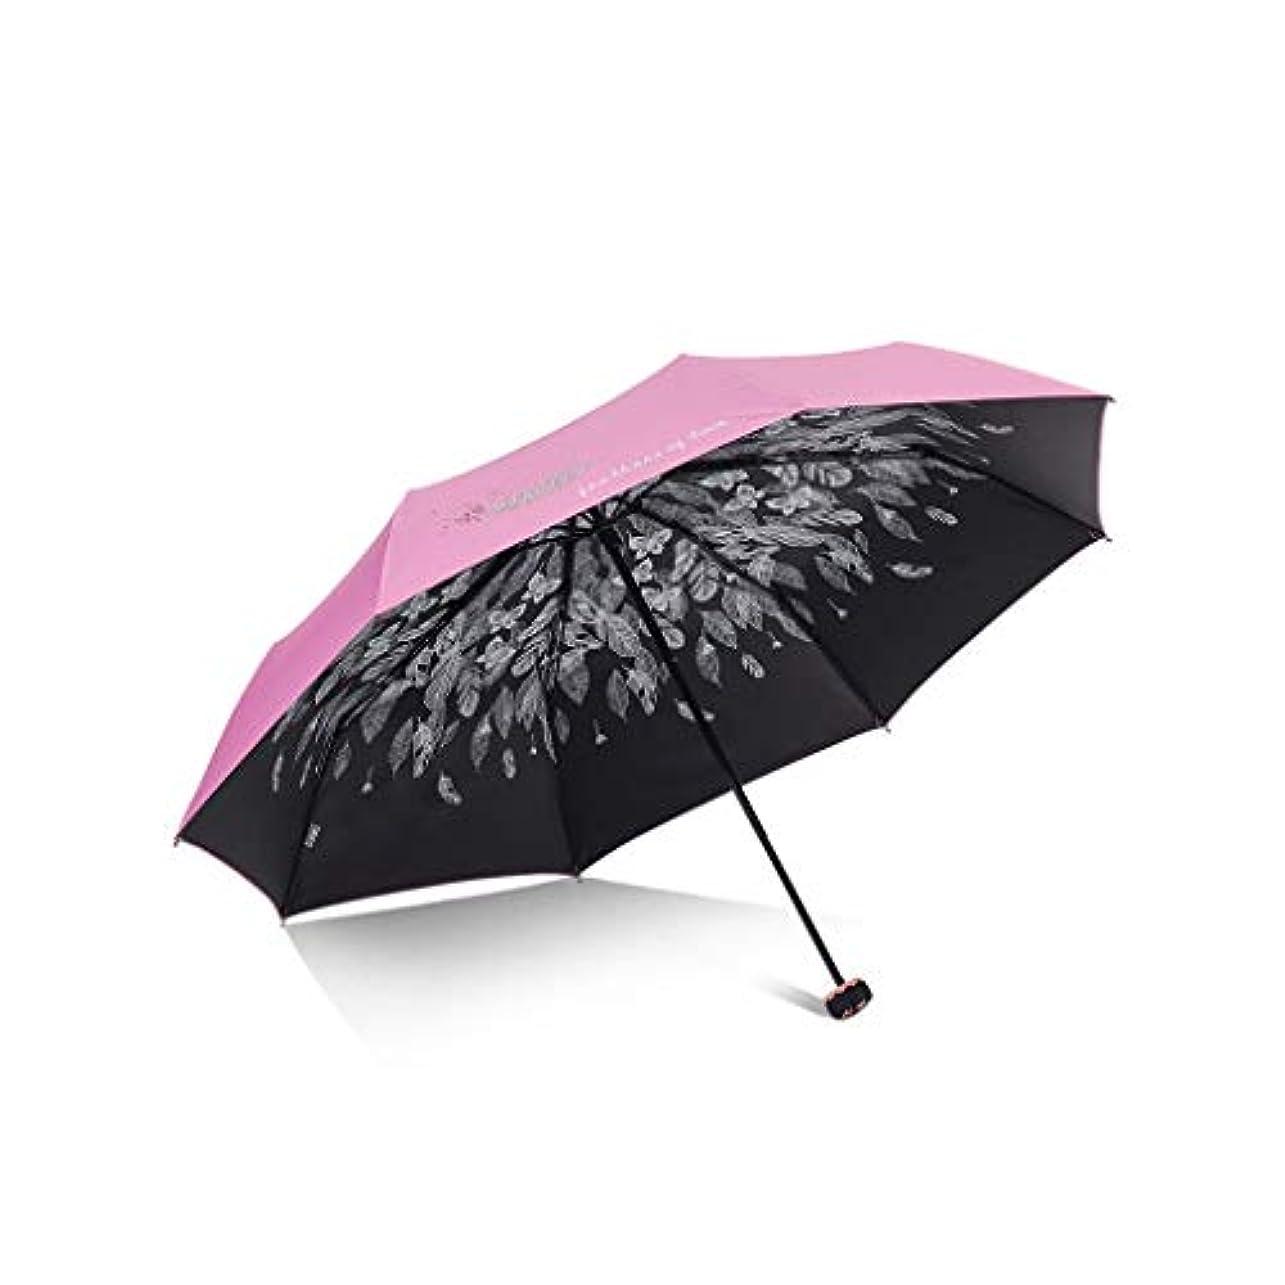 分析悪い学習者Py 傘日焼け止めUV傘折りたたみデュアルユース日傘ファッション小さな新鮮な印刷